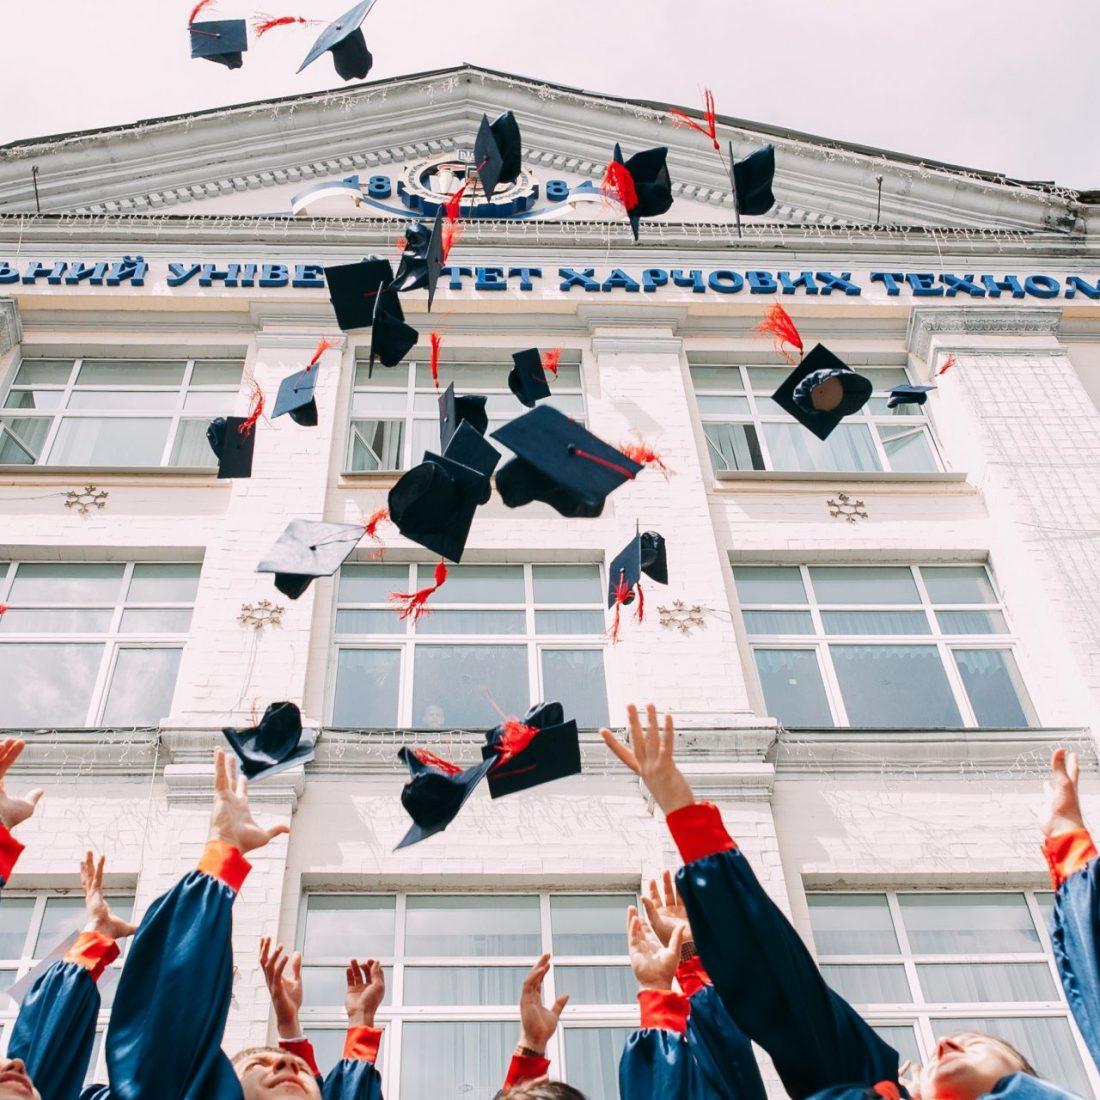 Estudiantes arrojando sombreros en el aire